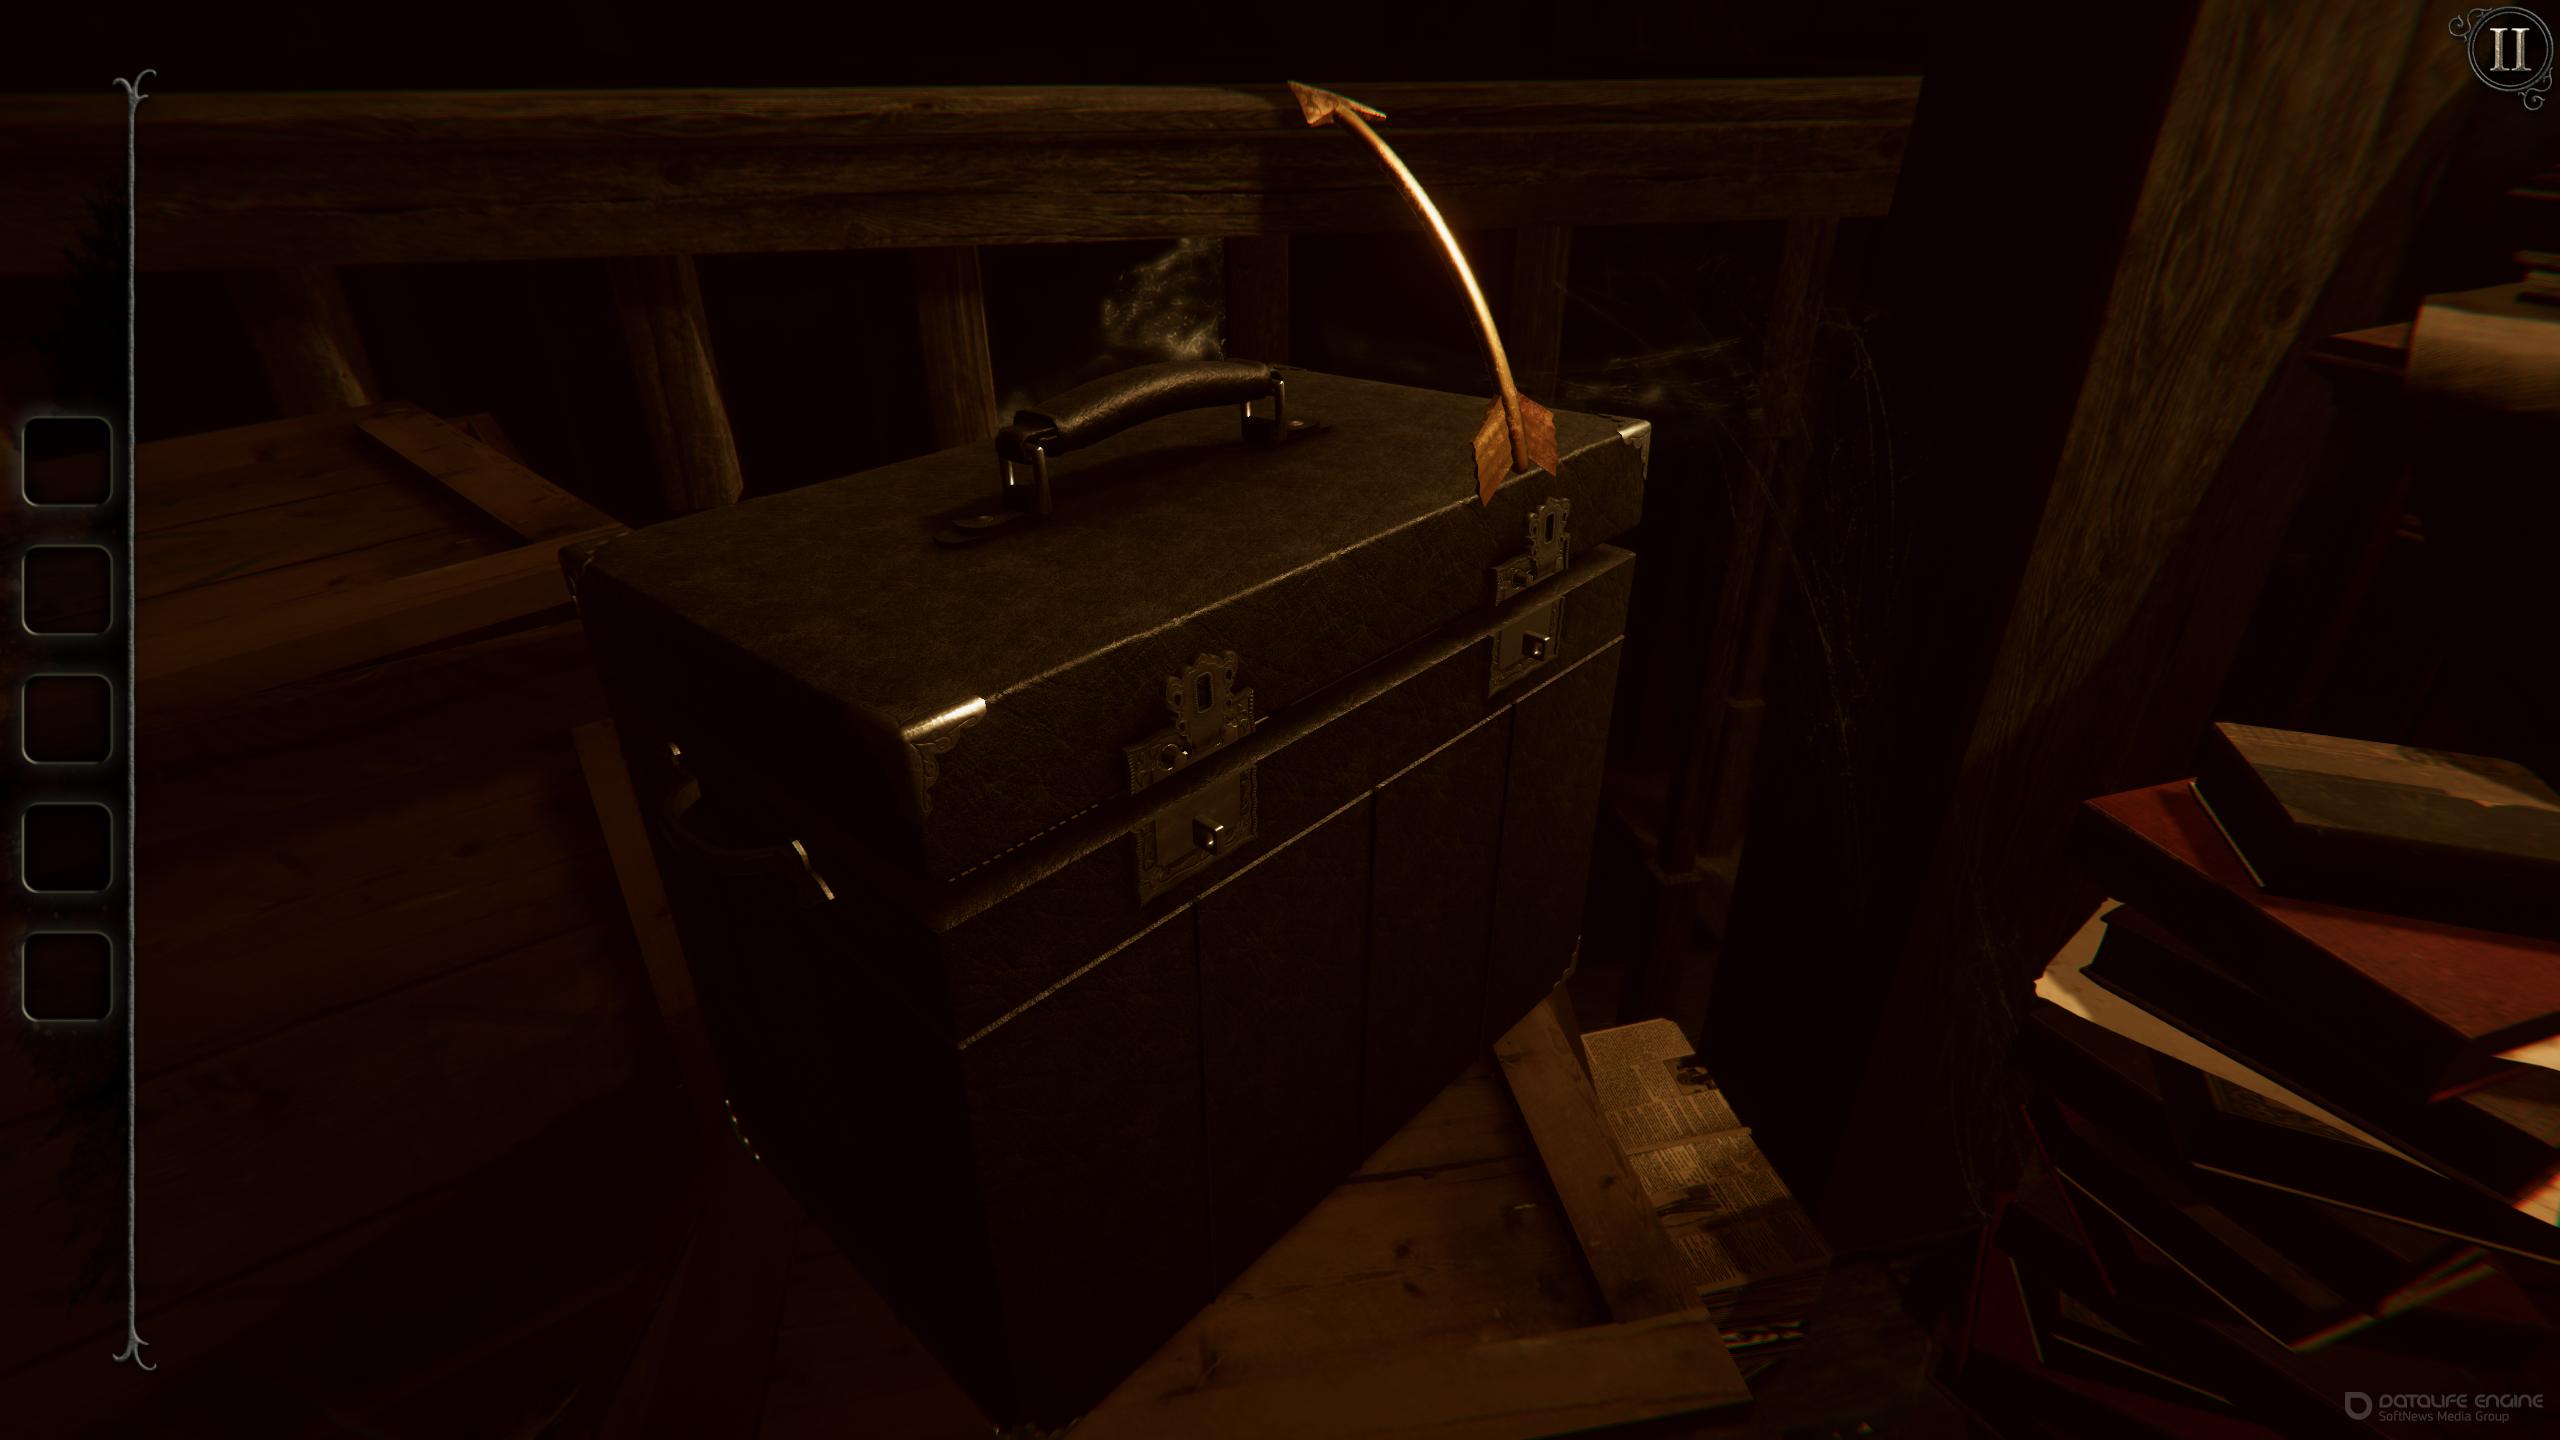 Скриншот к игре The Room 4: Old Sins [CODEX] (2021) скачать торрент Лицензия